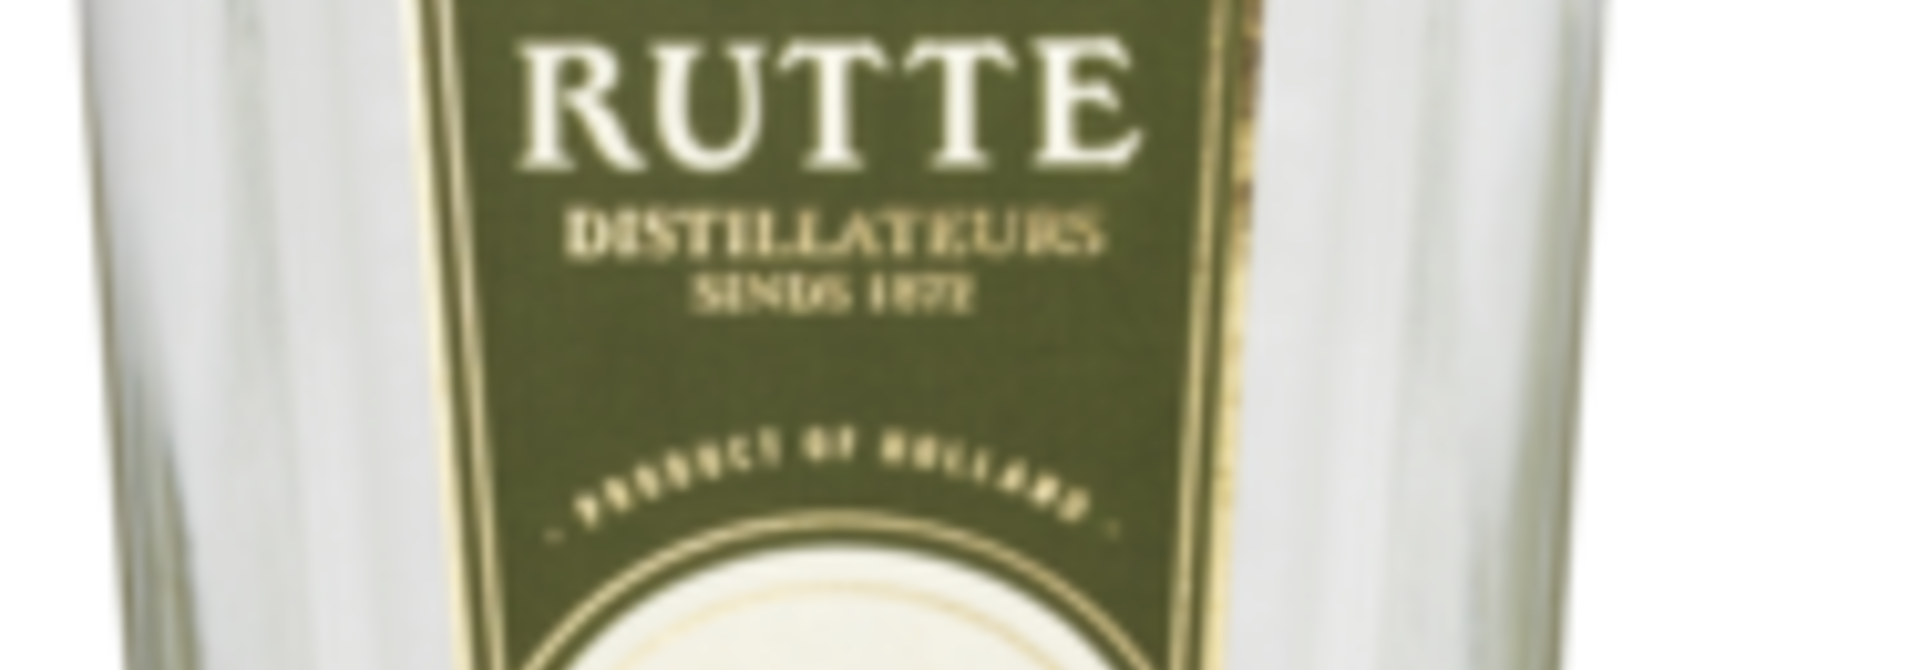 RUTTE Celery Gin 0.7ltr